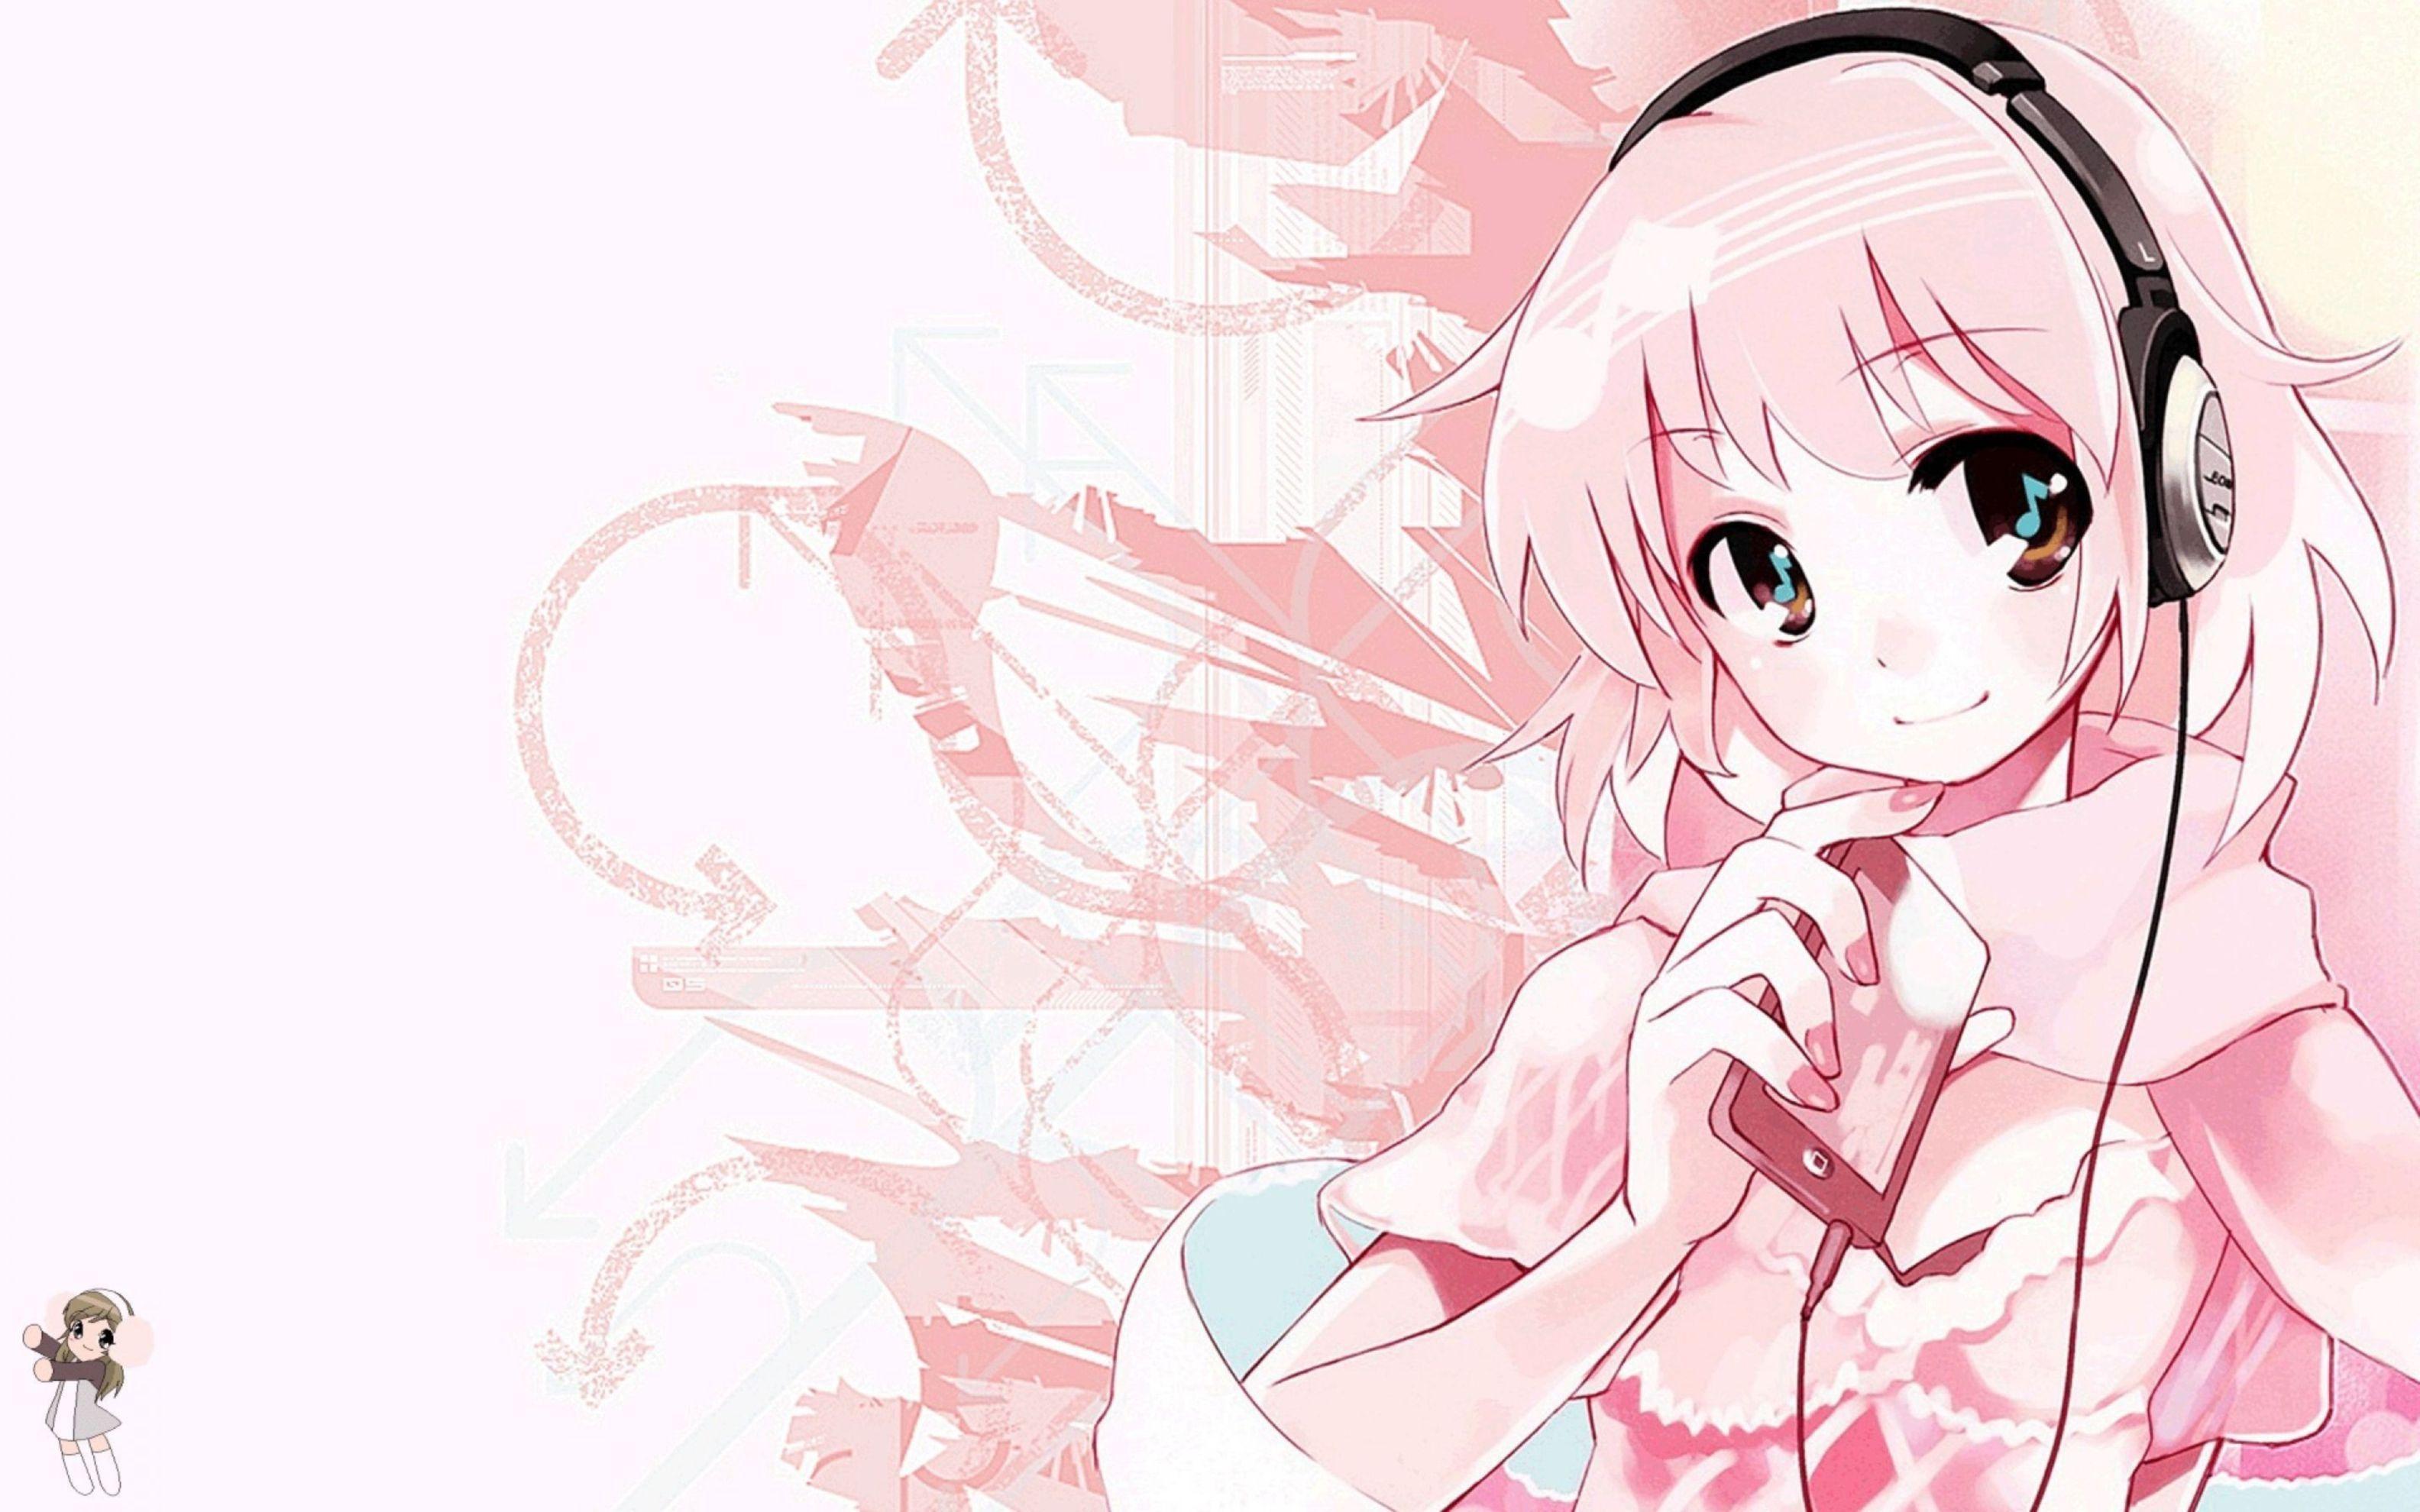 Anime Cute Pink Desktop Wallpapers Top Free Anime Cute Pink Desktop Backgrounds Wallpaperaccess